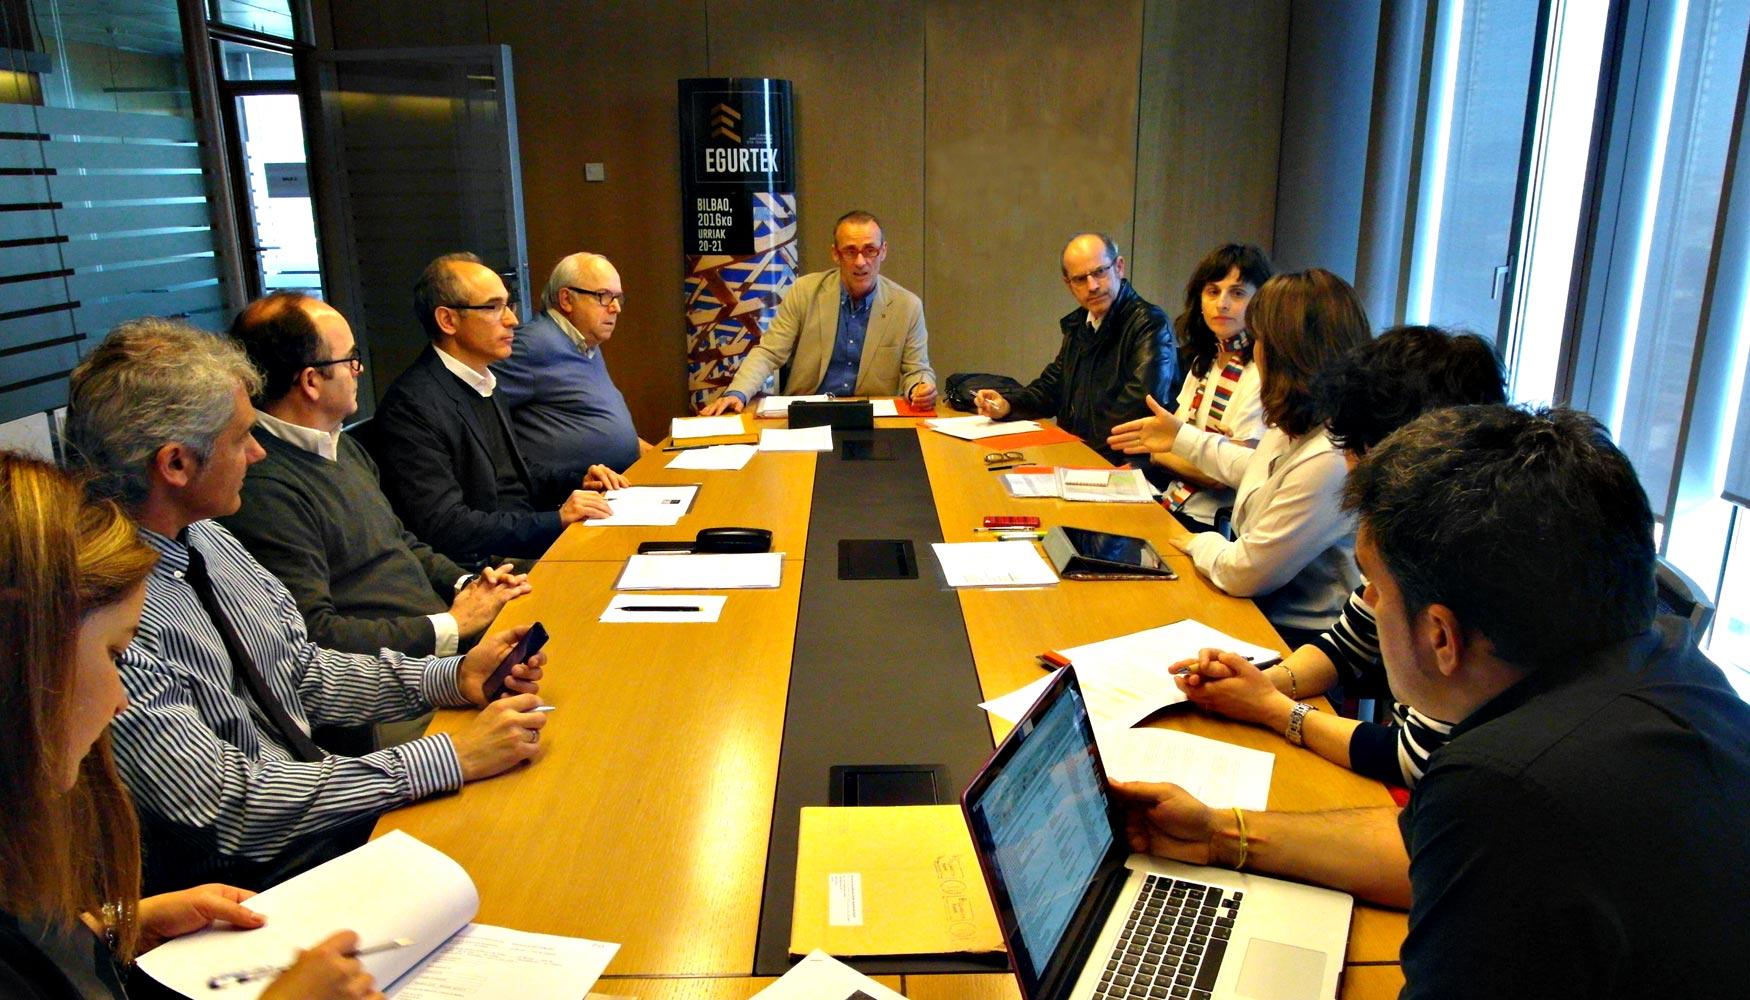 Los premios egurtek 2016 reciben 89 proyectos construcci n - Colegio arquitectos bilbao ...